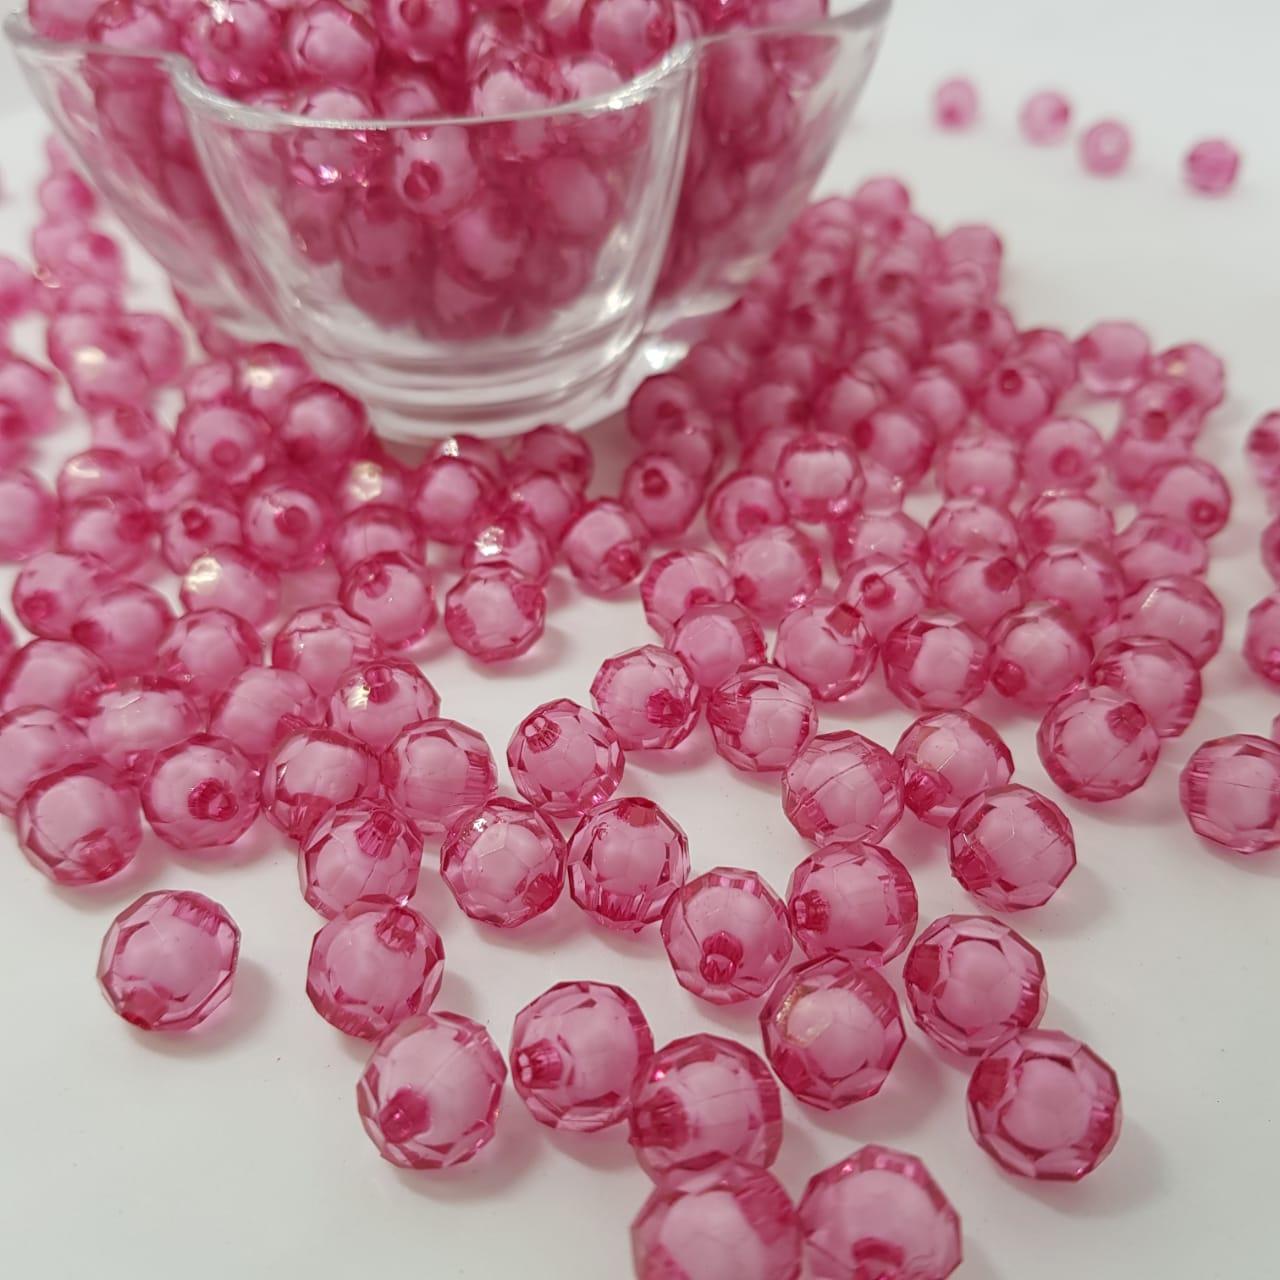 Bolinha de acrilico rosa forte c/ miolo branco sextavado  8MM 25g